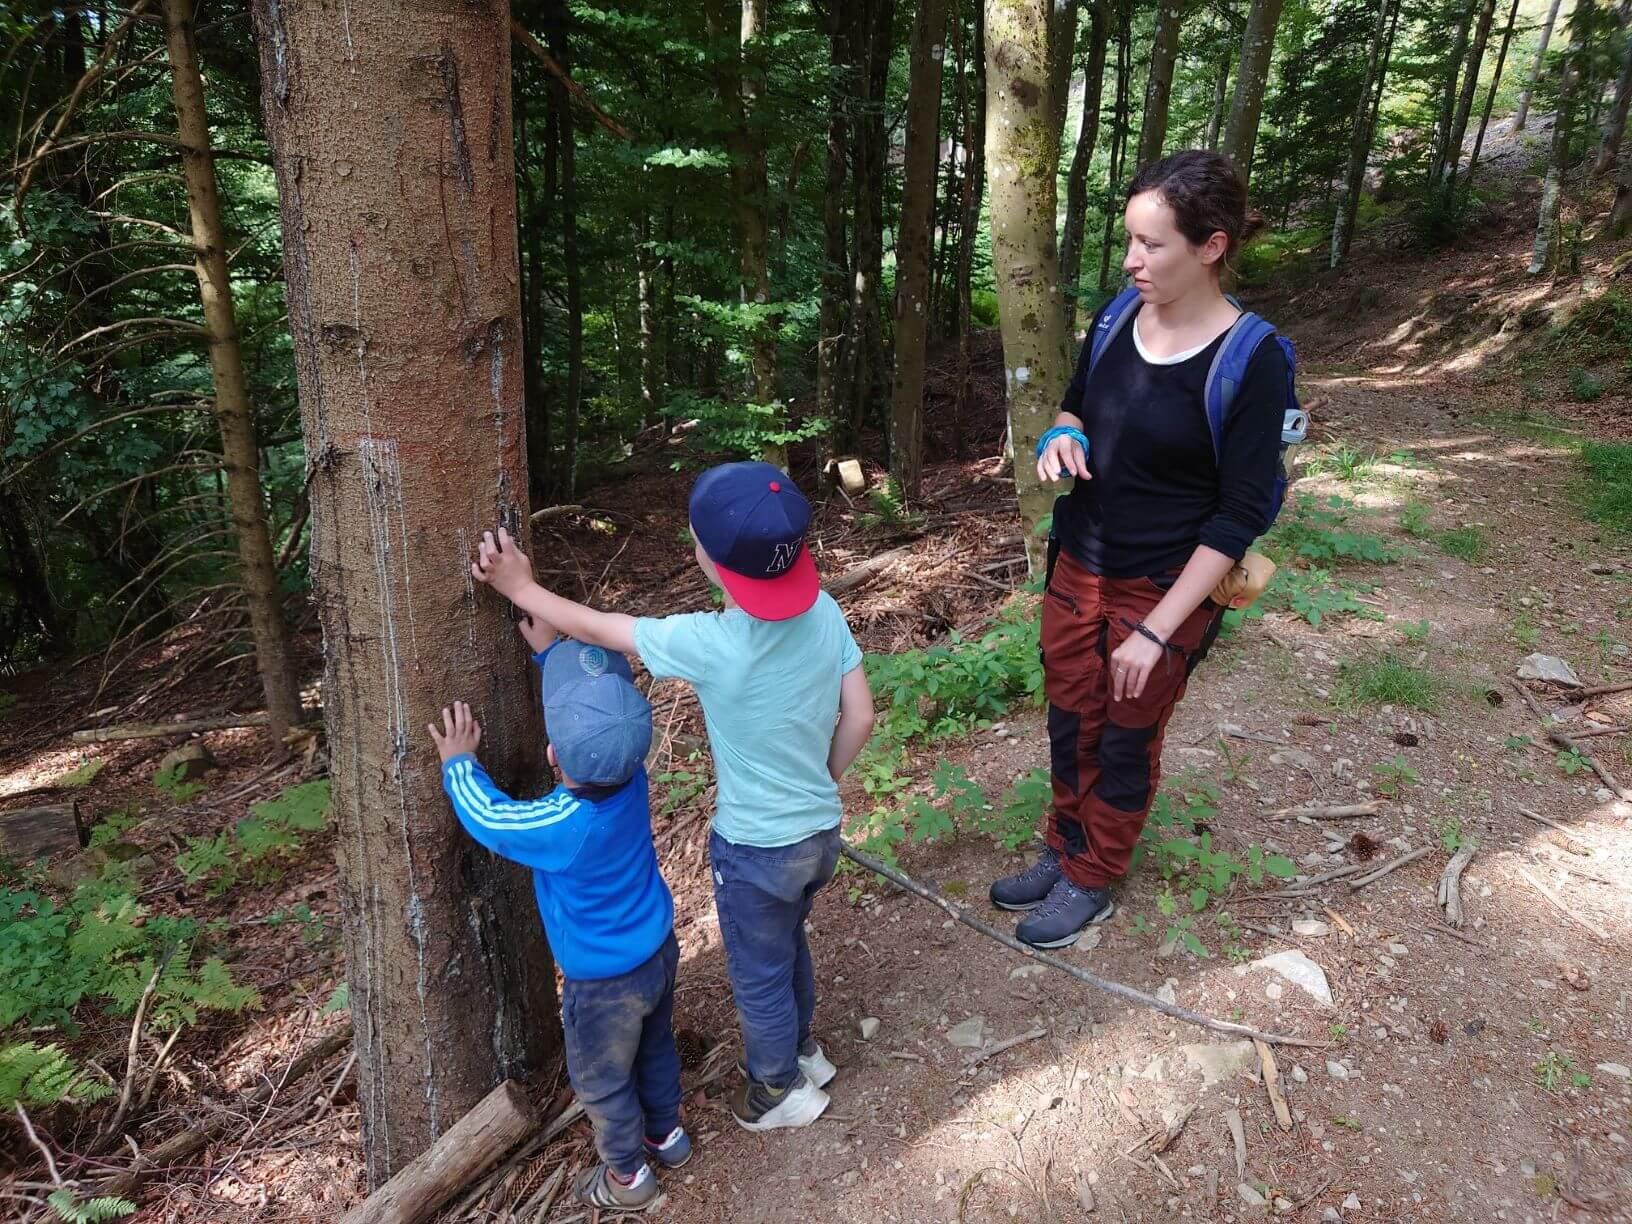 Bäume entdecken bei Familien Abenteuer im Wald